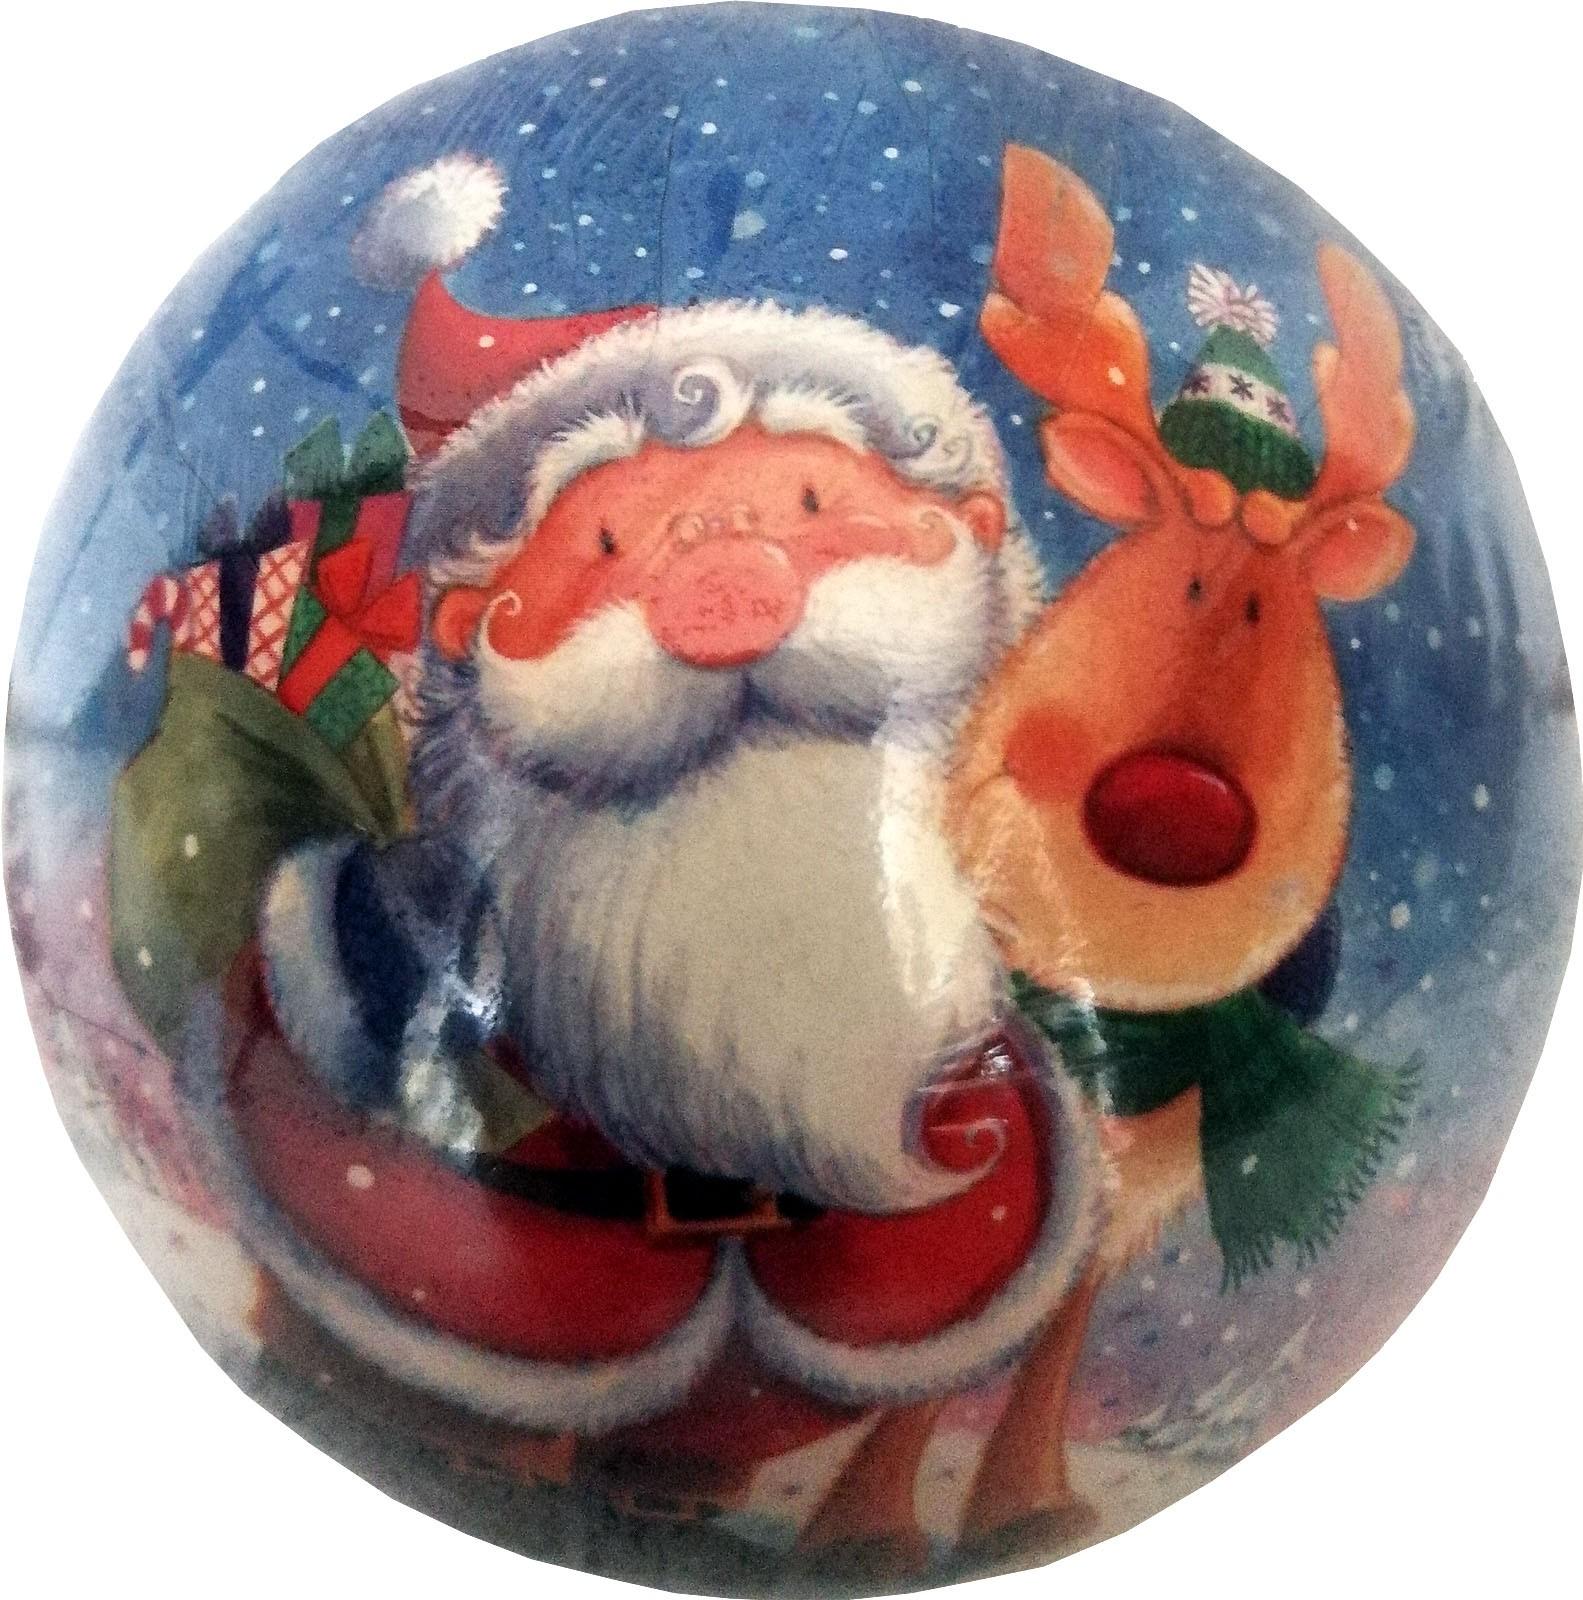 Weihnachtskugeln - Weihnachtsmann mit Rentier